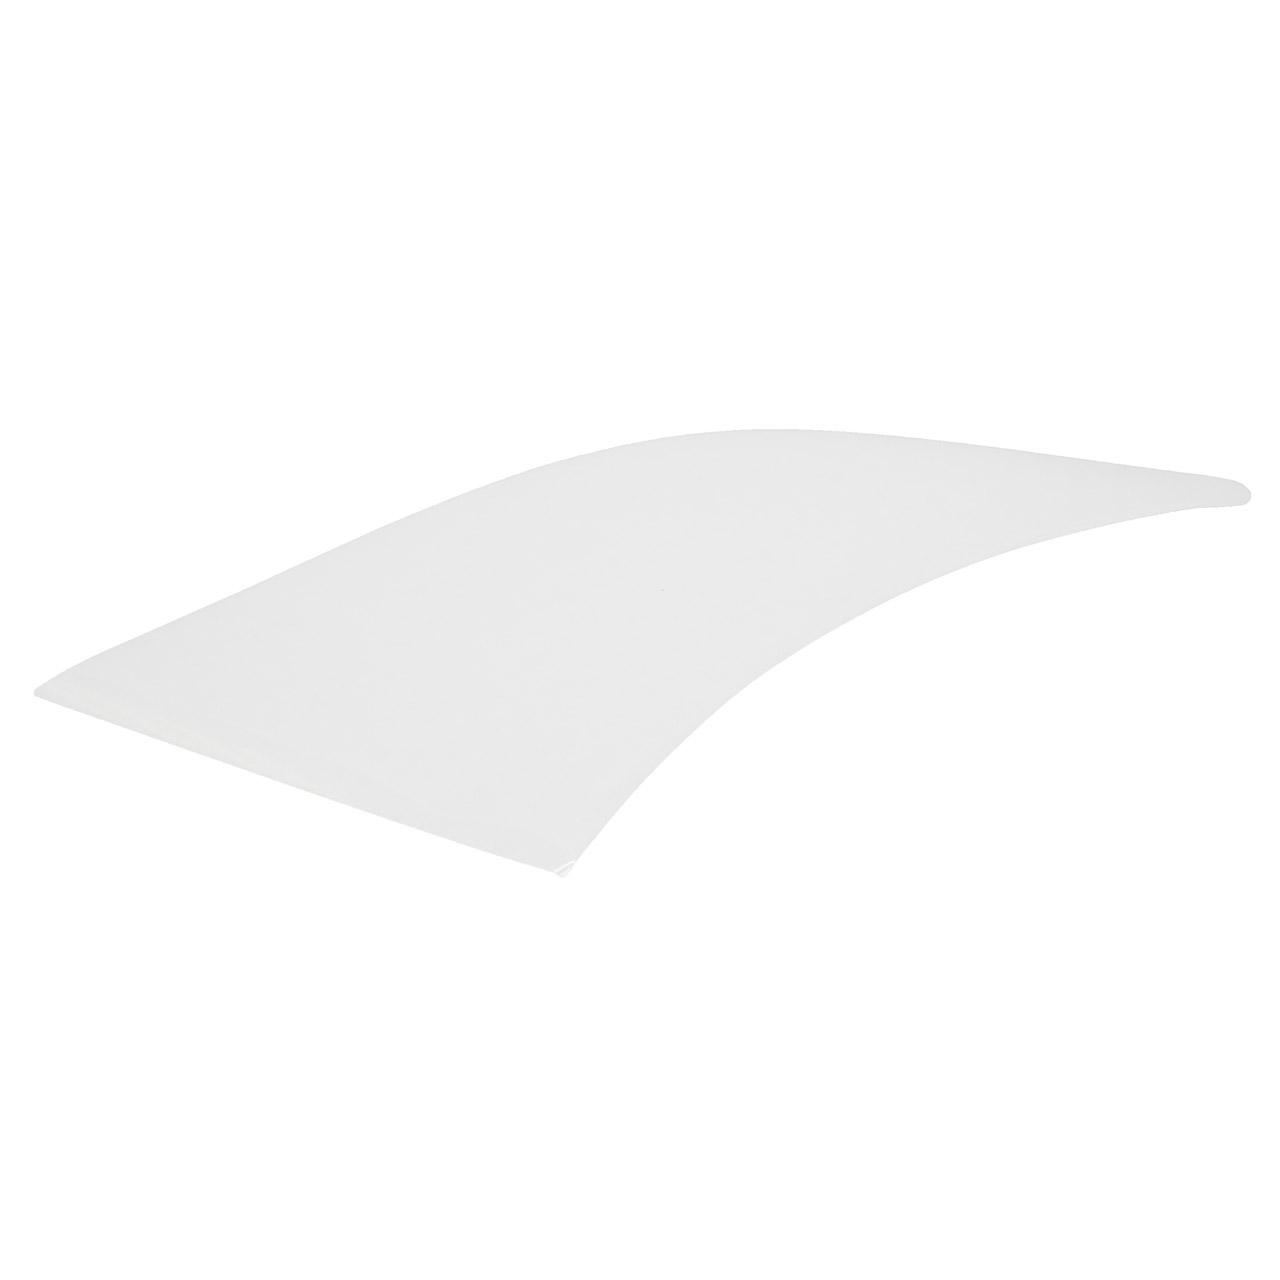 Steinschlagschutzfolie SEITENTEIL für PORSCHE 993 CARRERA links 993559325043YK